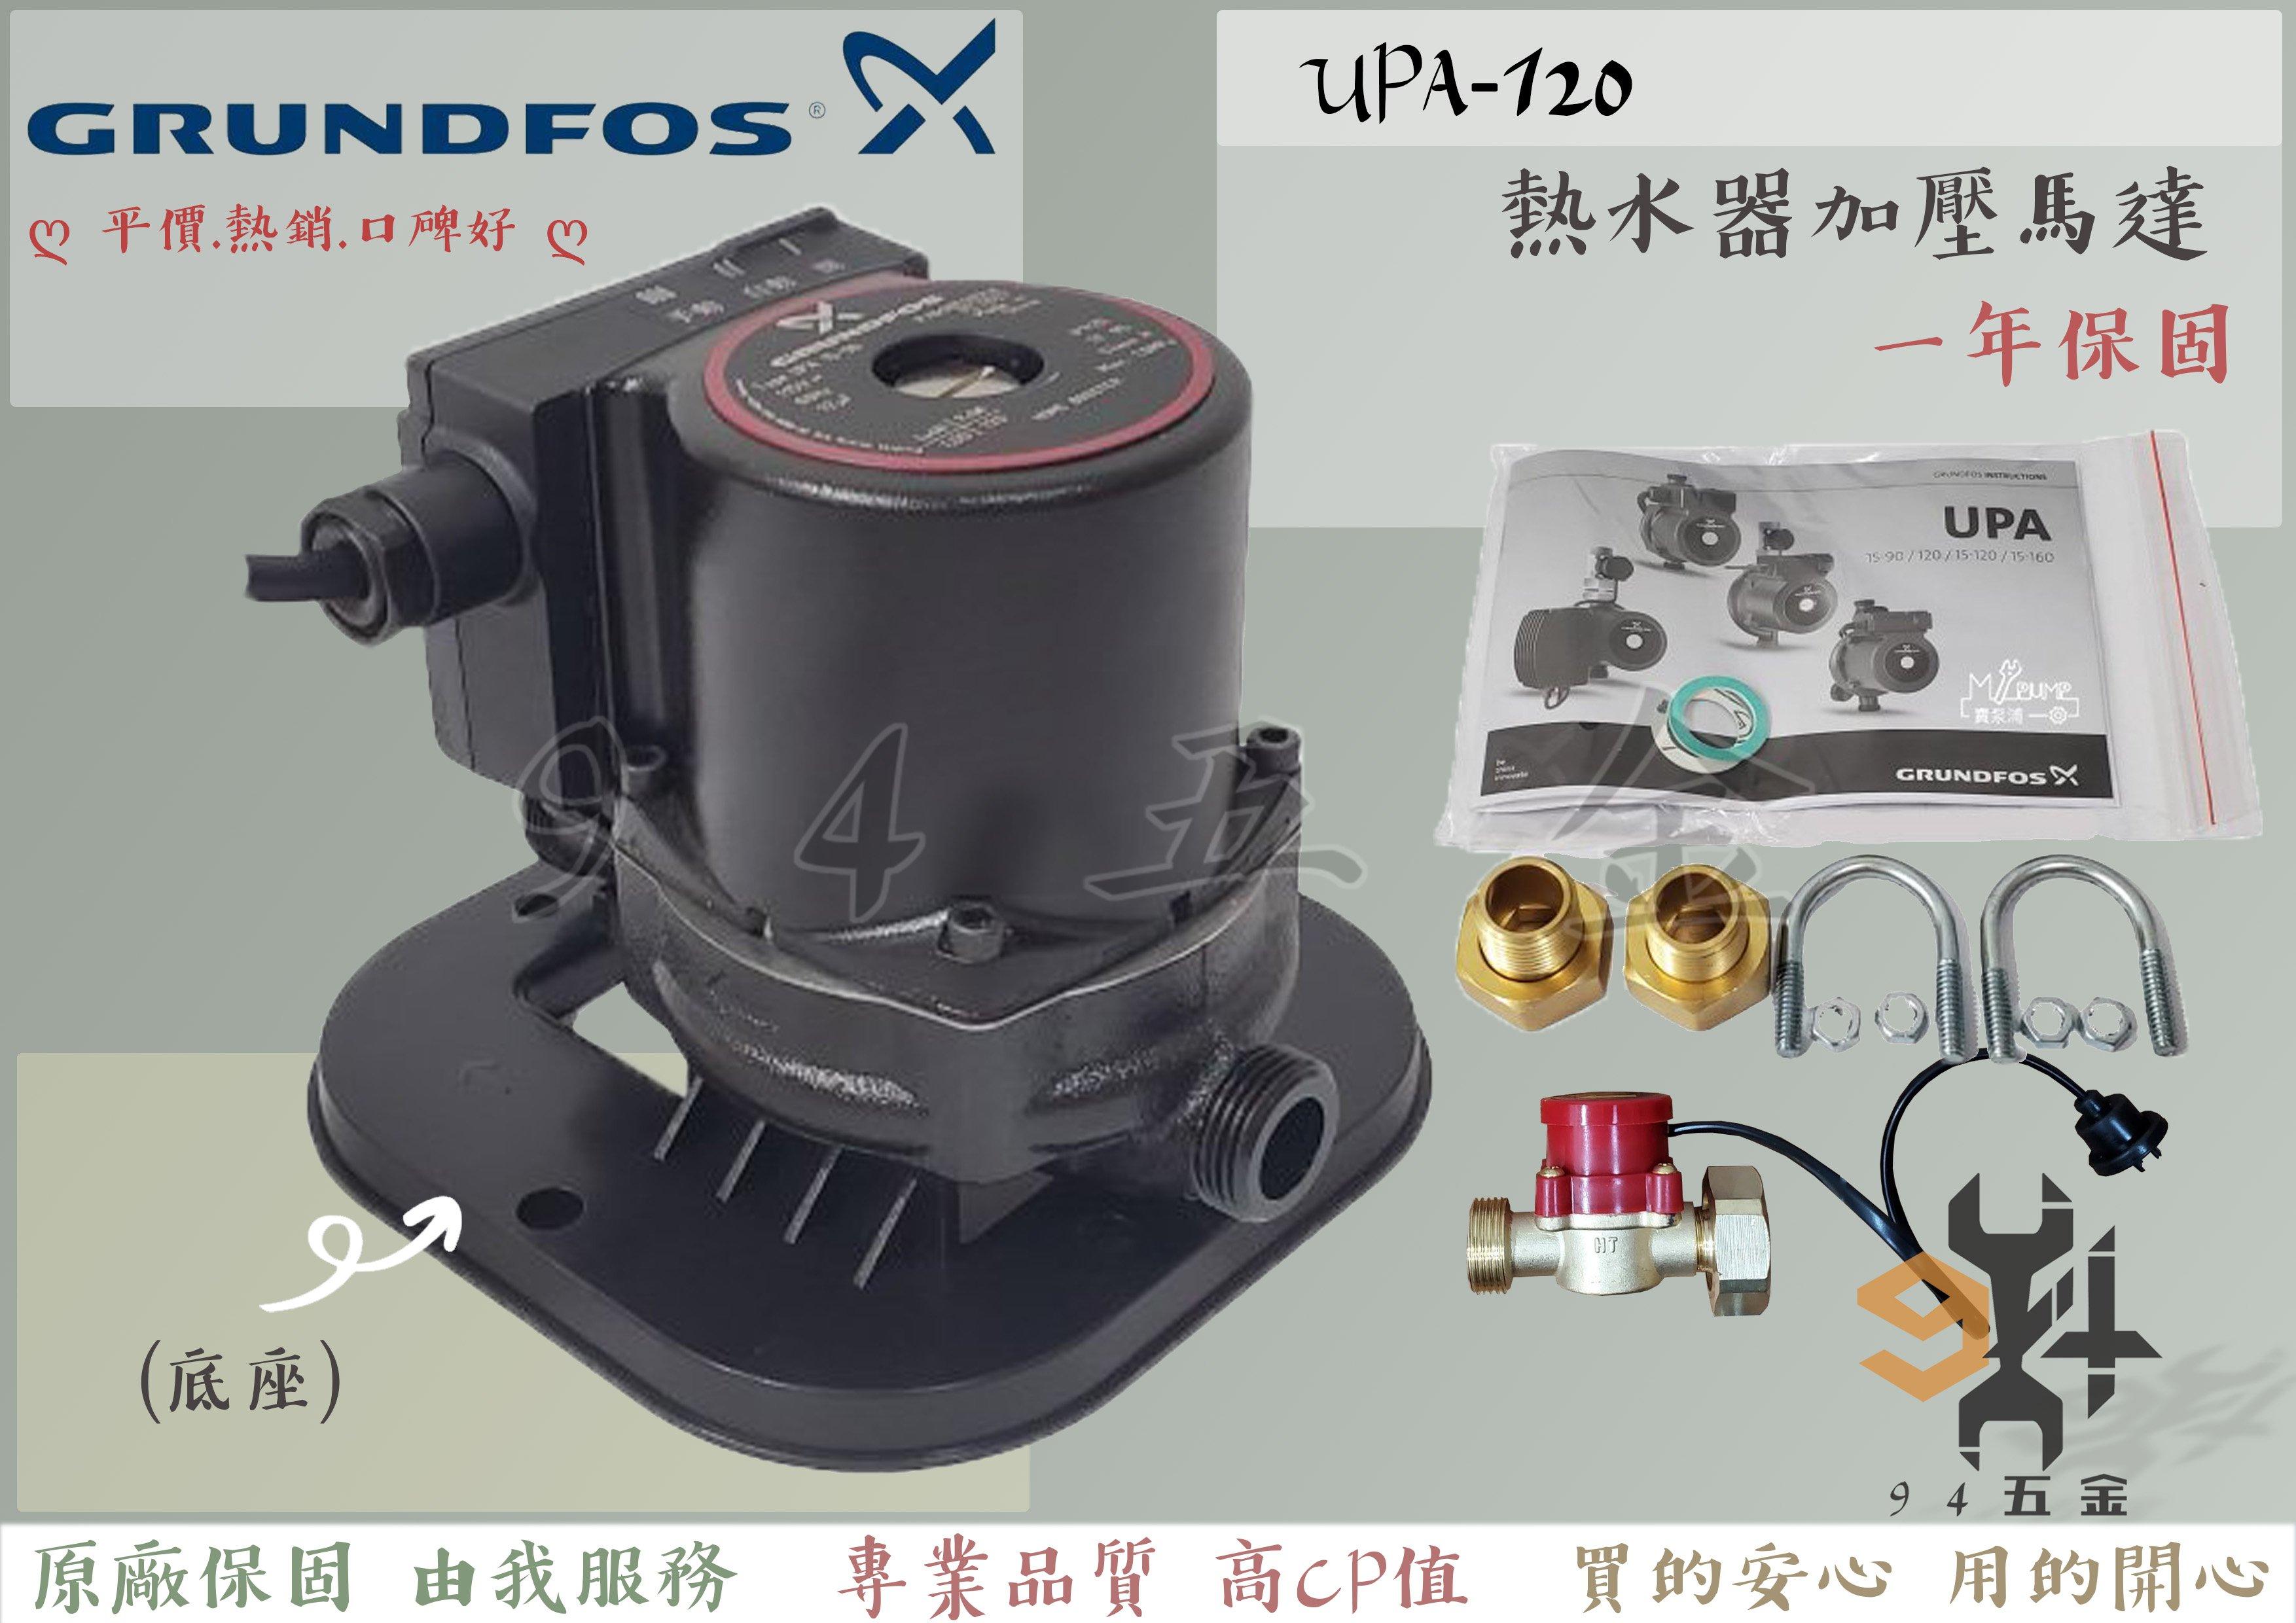 【94五金】葛蘭富 UPA-120『有底座』熱水器加壓泵浦 熱水器專用加壓馬達穩壓機 小型增壓泵浦 非FJ-8809